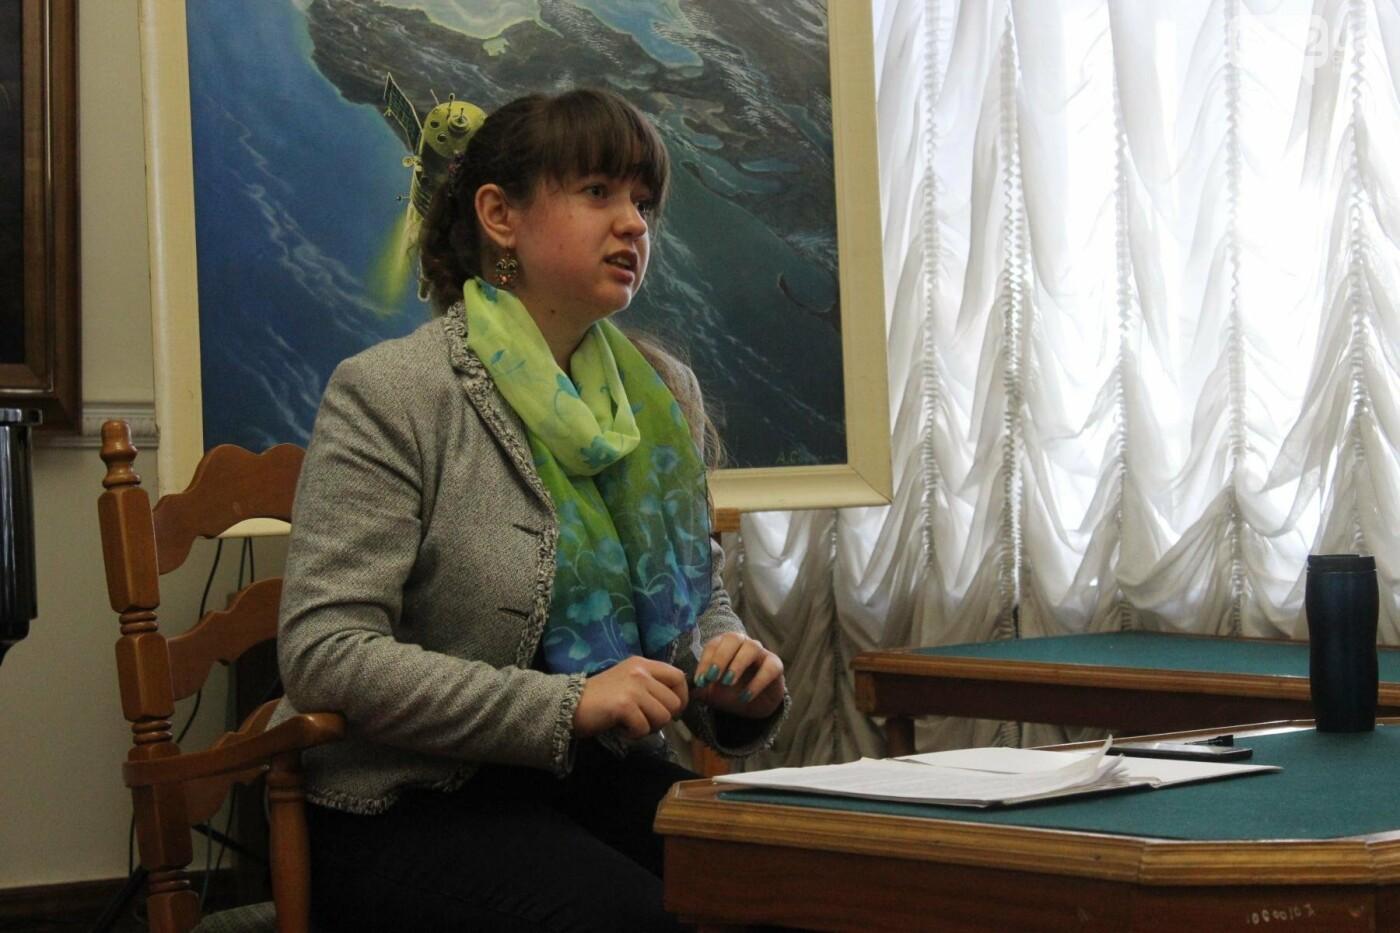 В Николаевском художественном музее рассказали, как подделывать картины, - ФОТО, фото-18